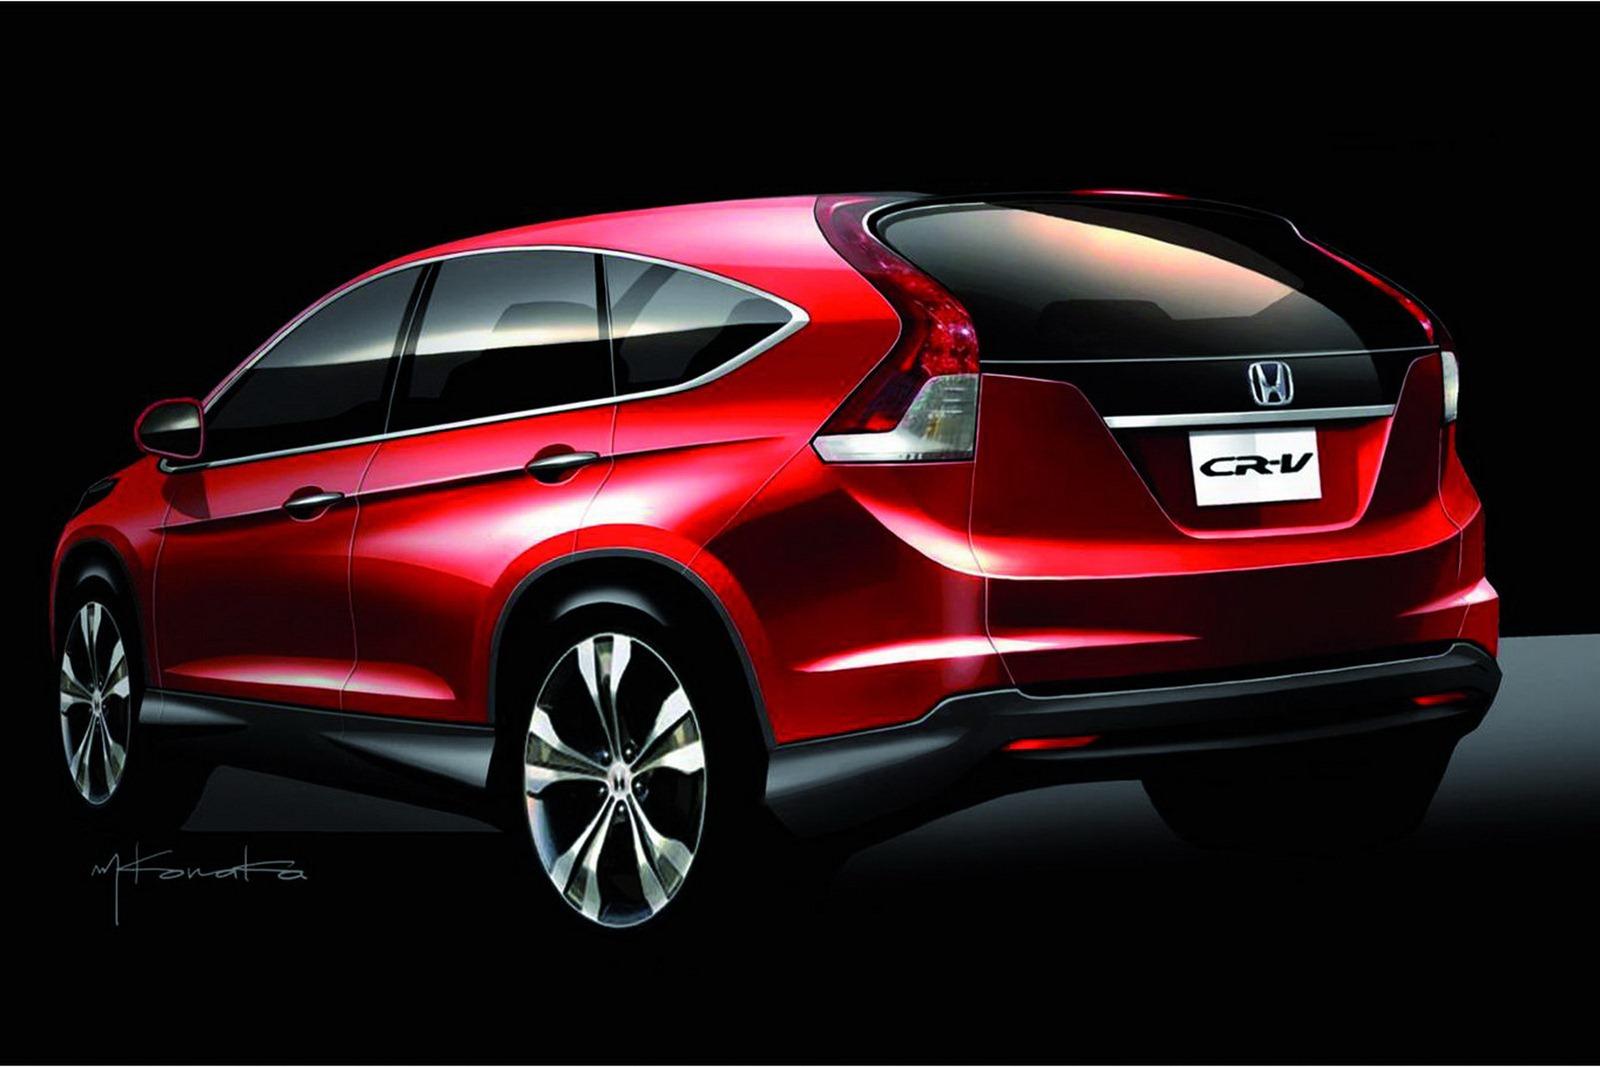 Honda CR-V #8 - high quality Honda CR-V pictures on ...